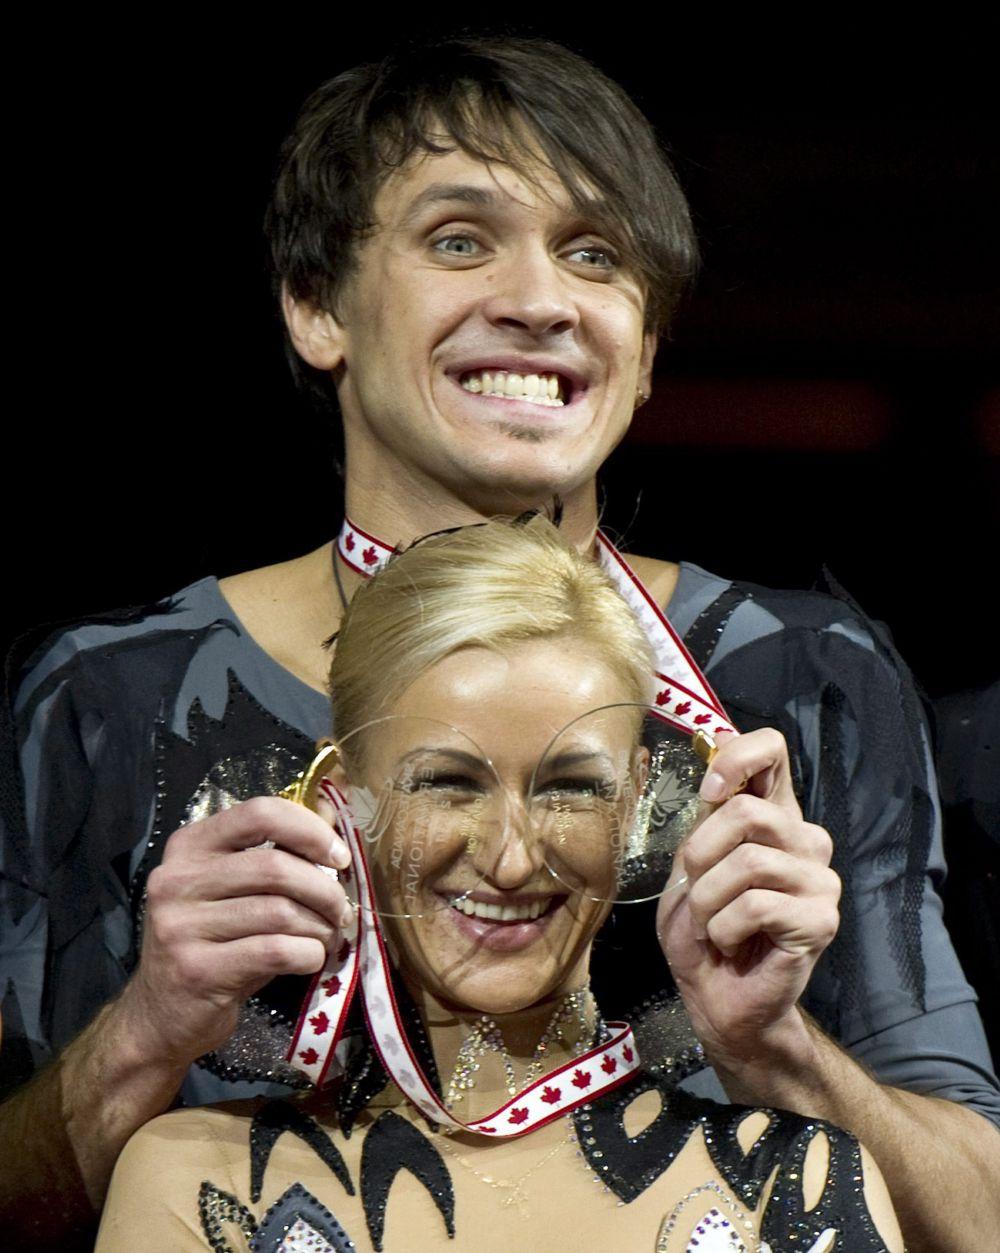 Победителями Волосожар и Траньков стали на своем первом совместном чемпионате Европы. В 2013 году пара в канадском Лондоне пара стала чемпионами мира.